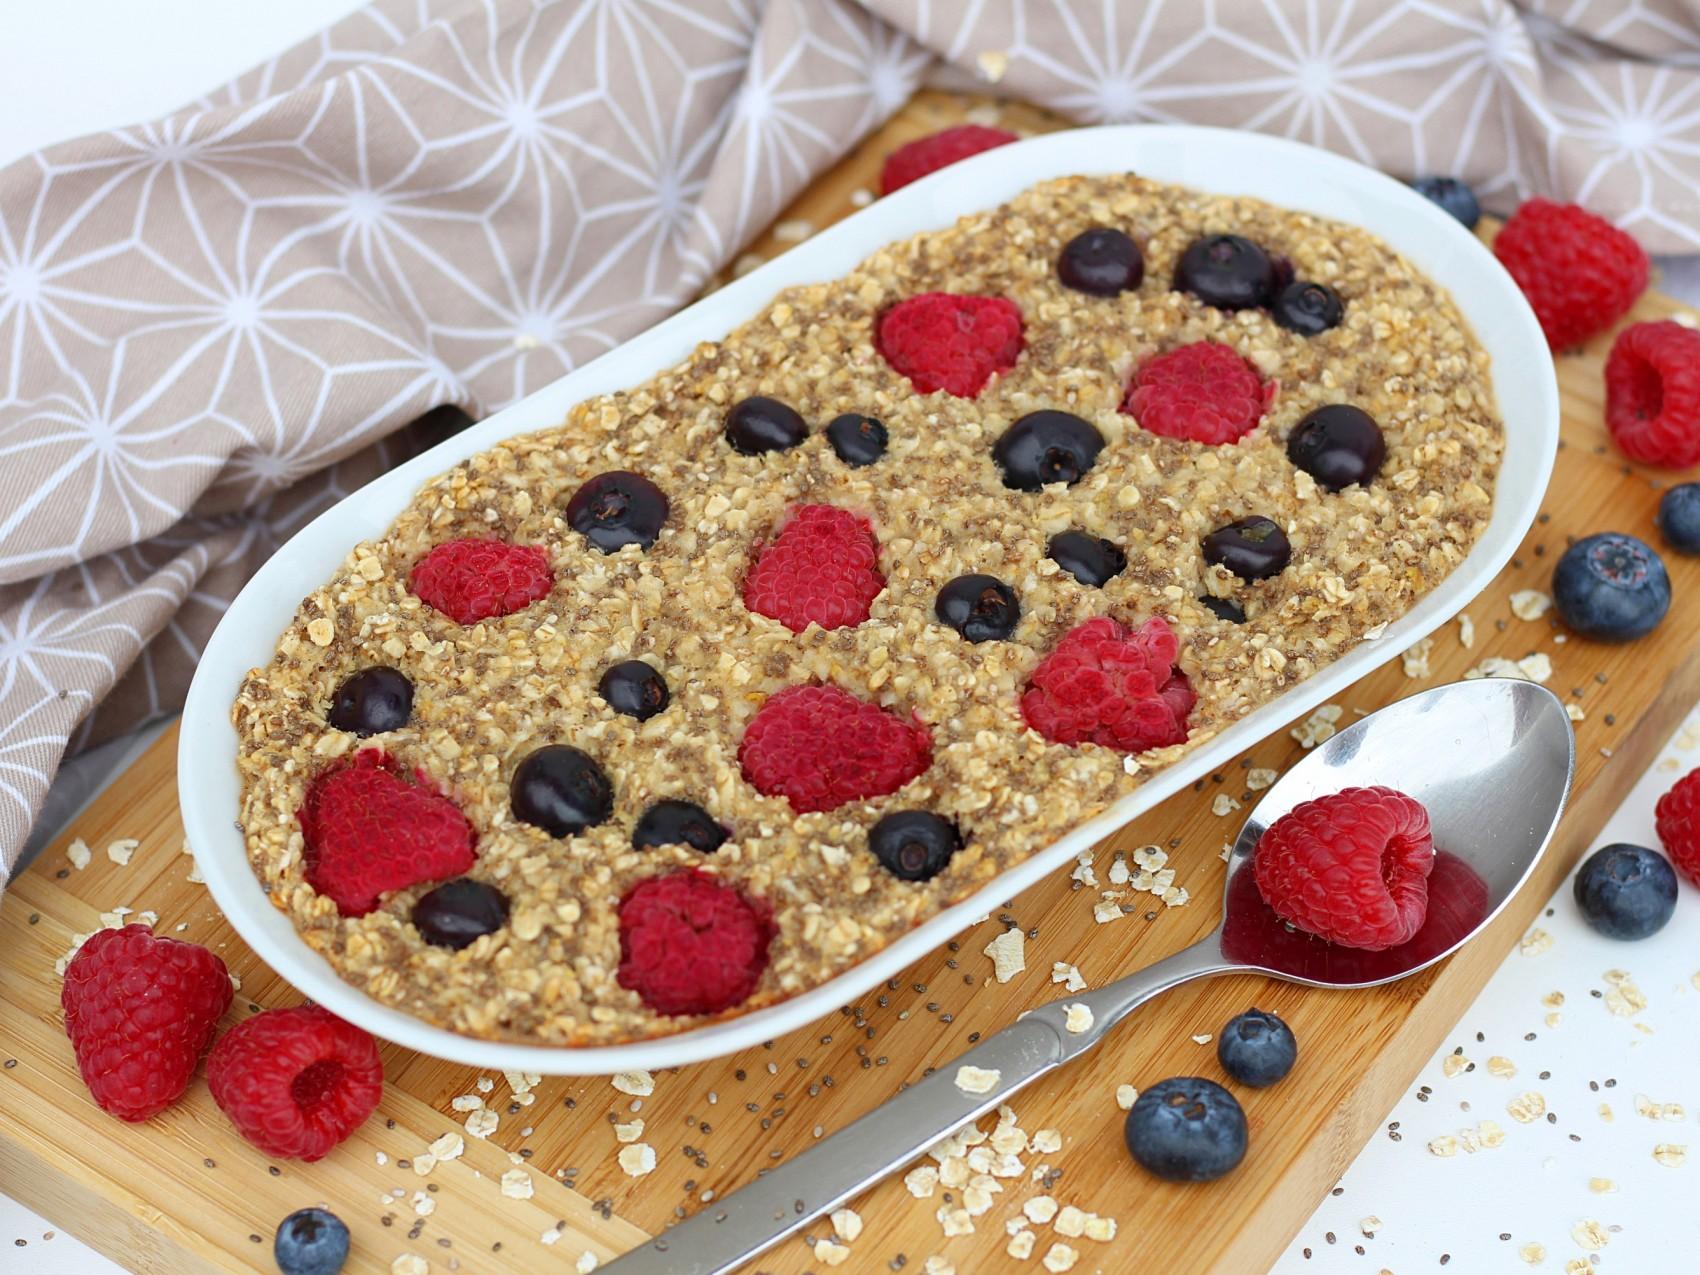 Veganes Baked Oatmeal mit Zimt und Beeren